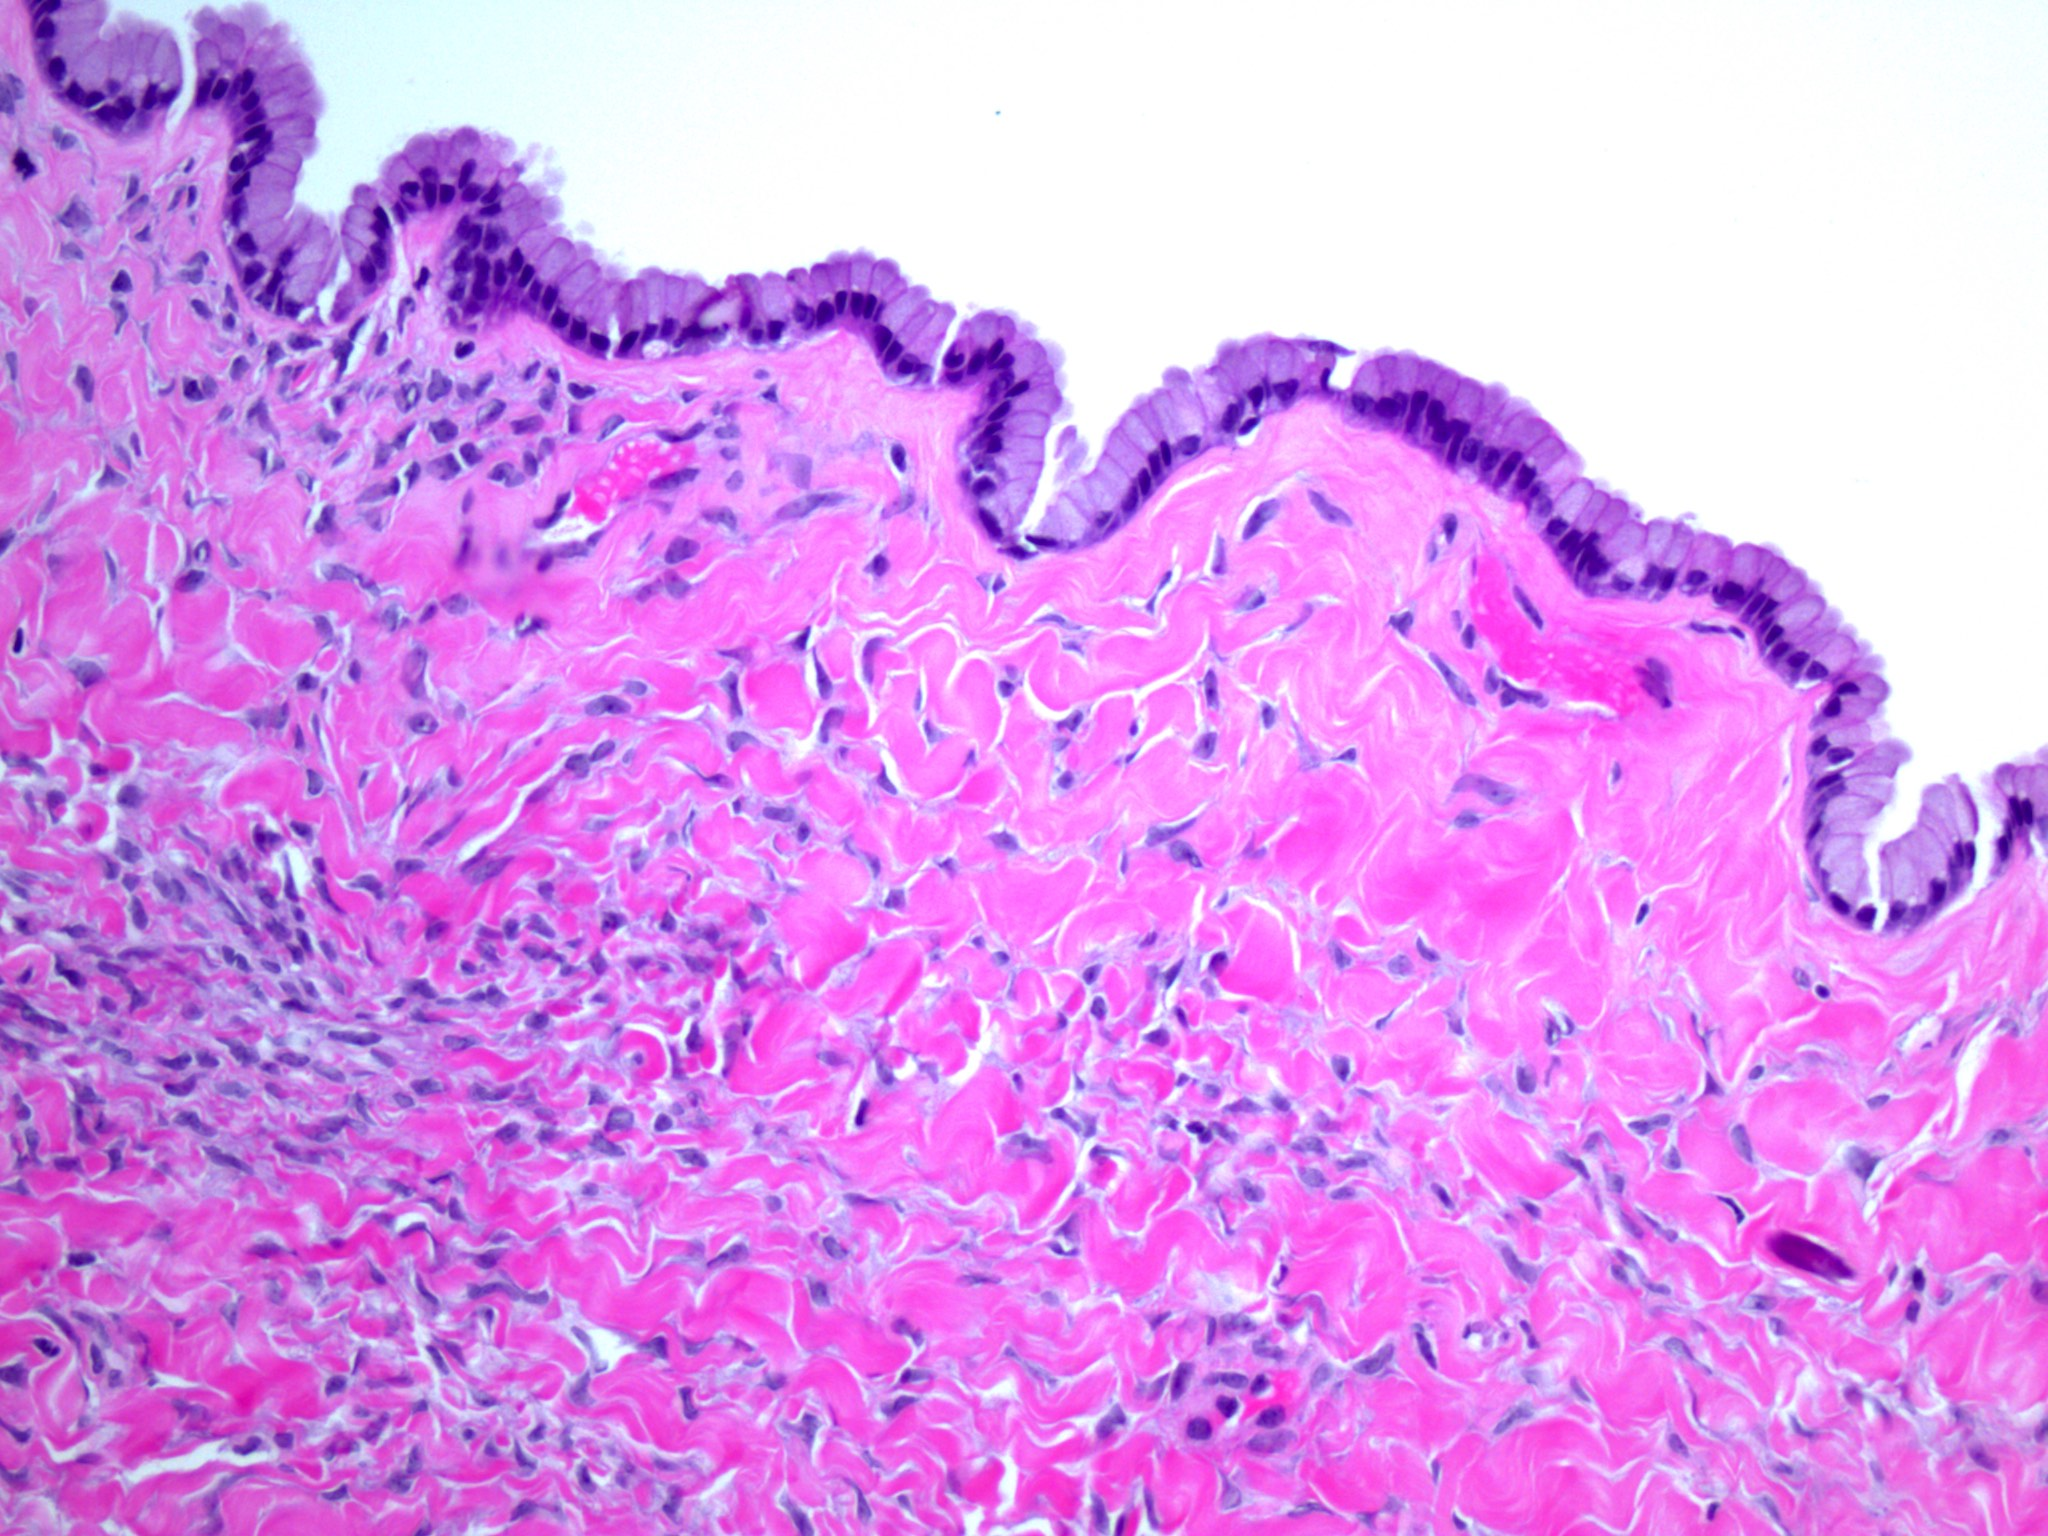 Bland mucinous epithelium